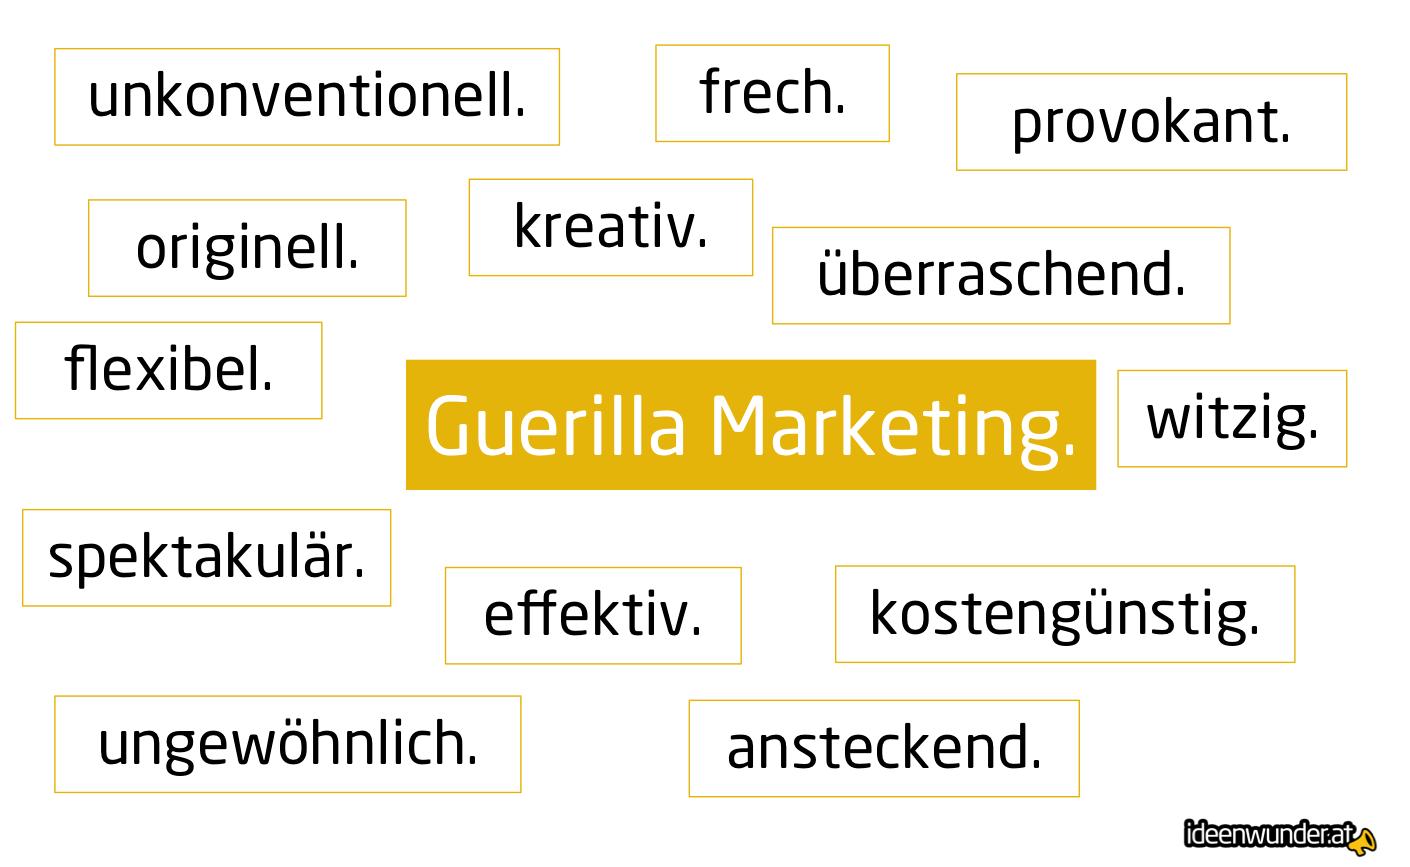 Eigenschaften von Guerilla Marketing, überraschend, provokant, unkonventionell, kostengünstig, etc.